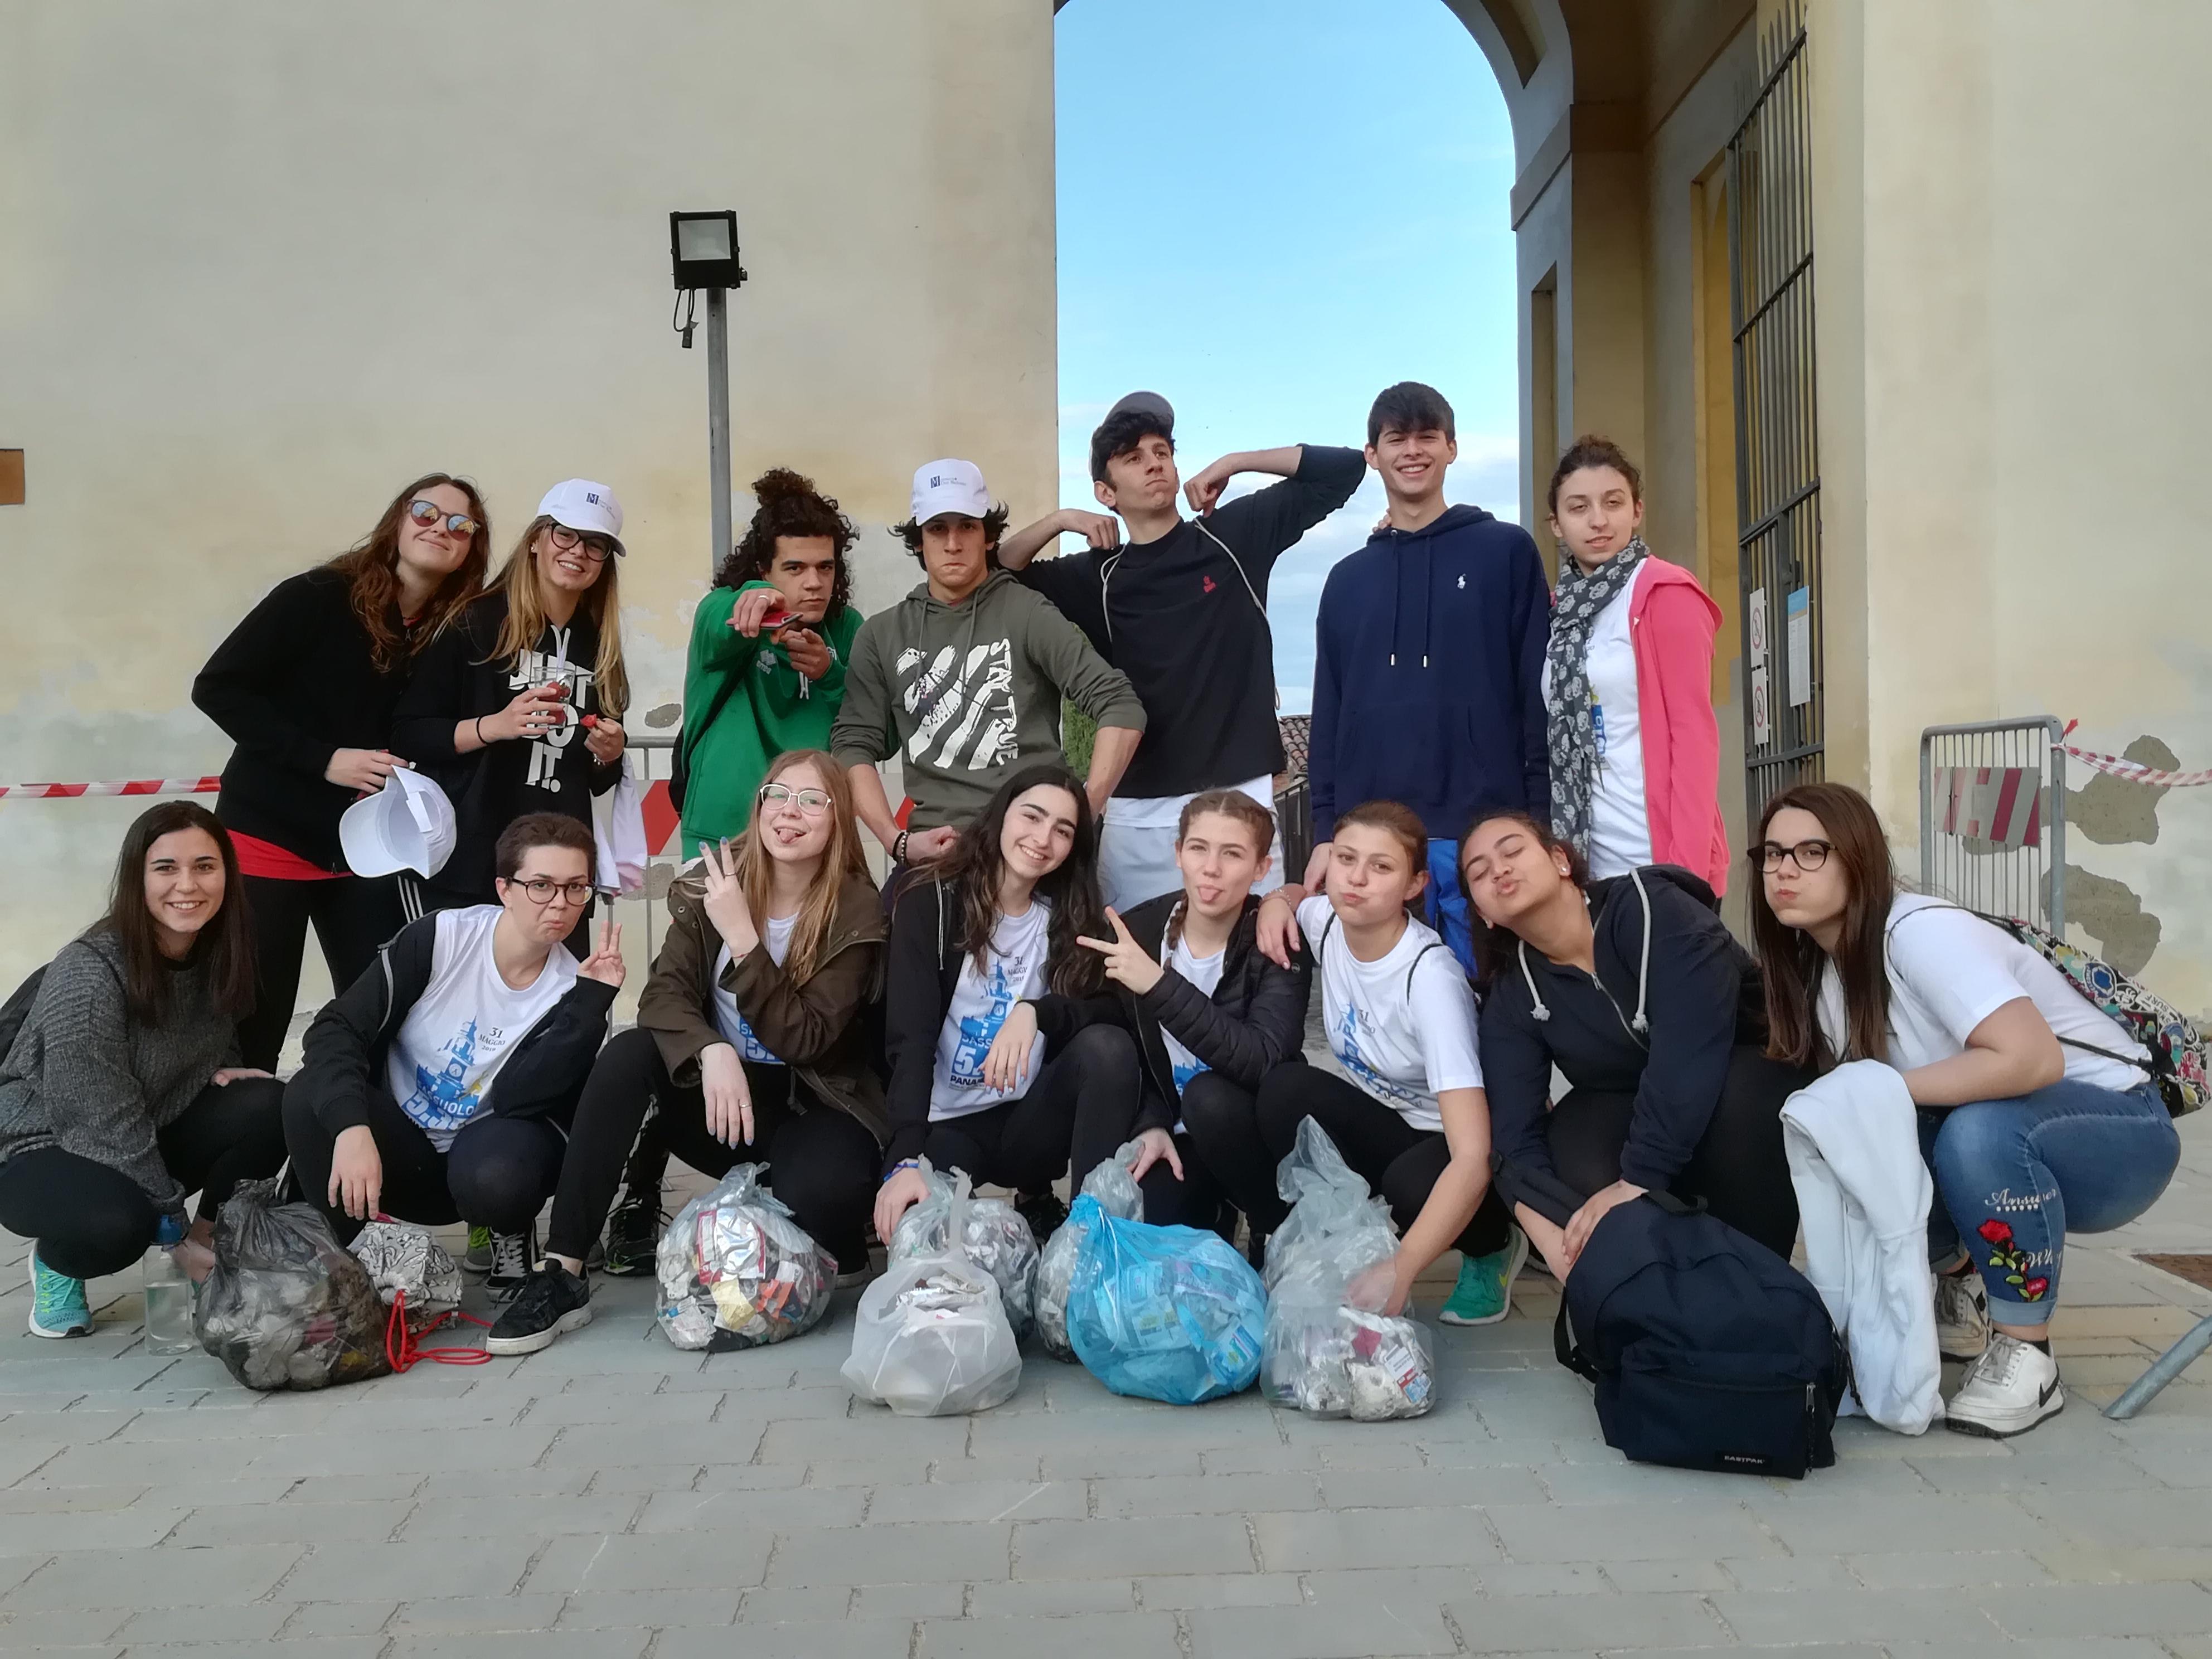 Pulizia parchi studenti Formiggini